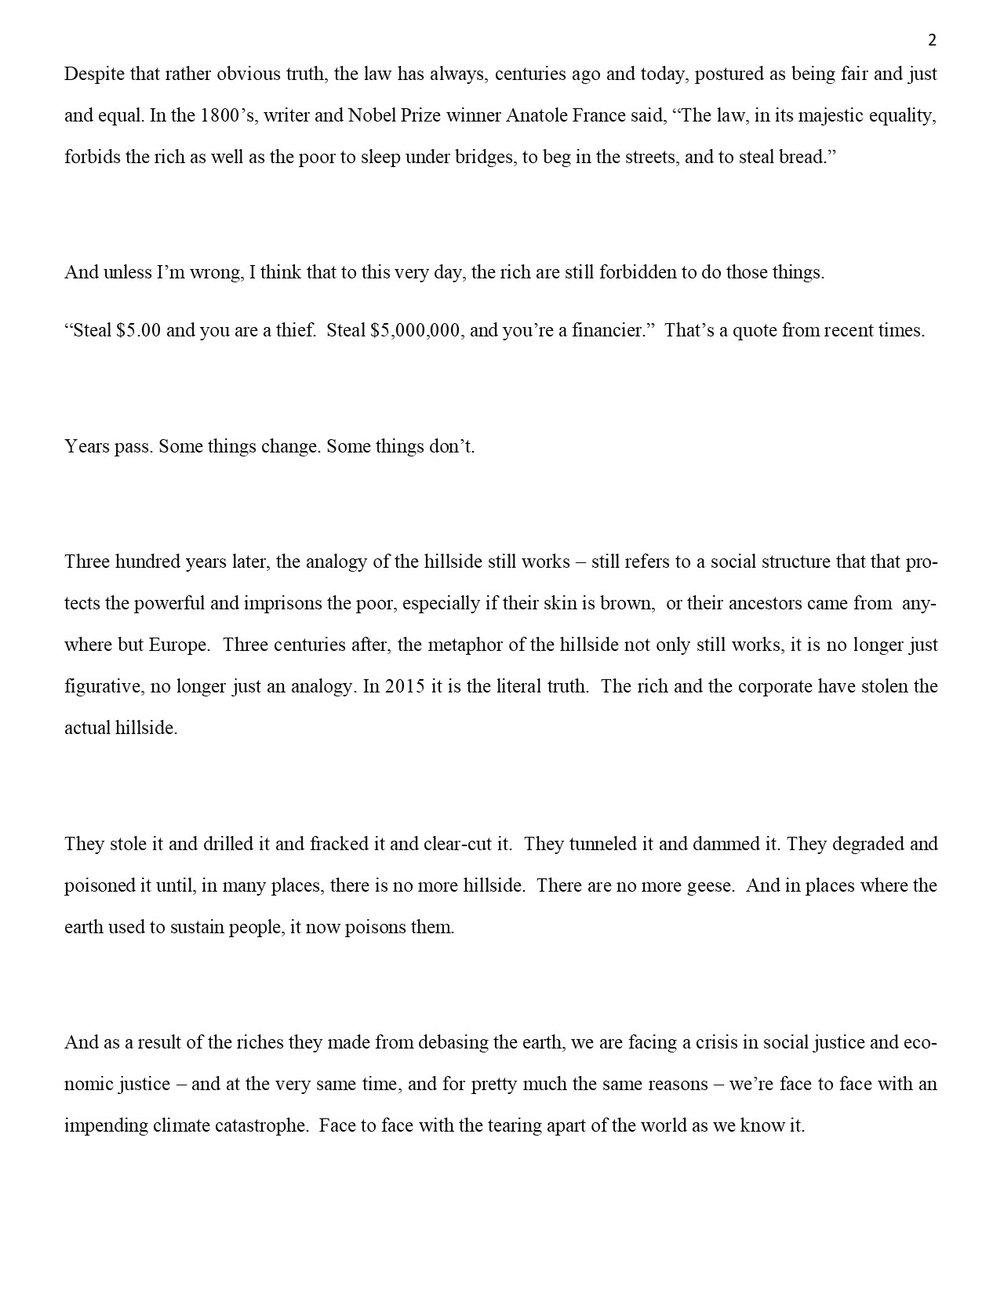 Story of a Hillside - Sabina Virgo (Prose, Essay)-2.jpg